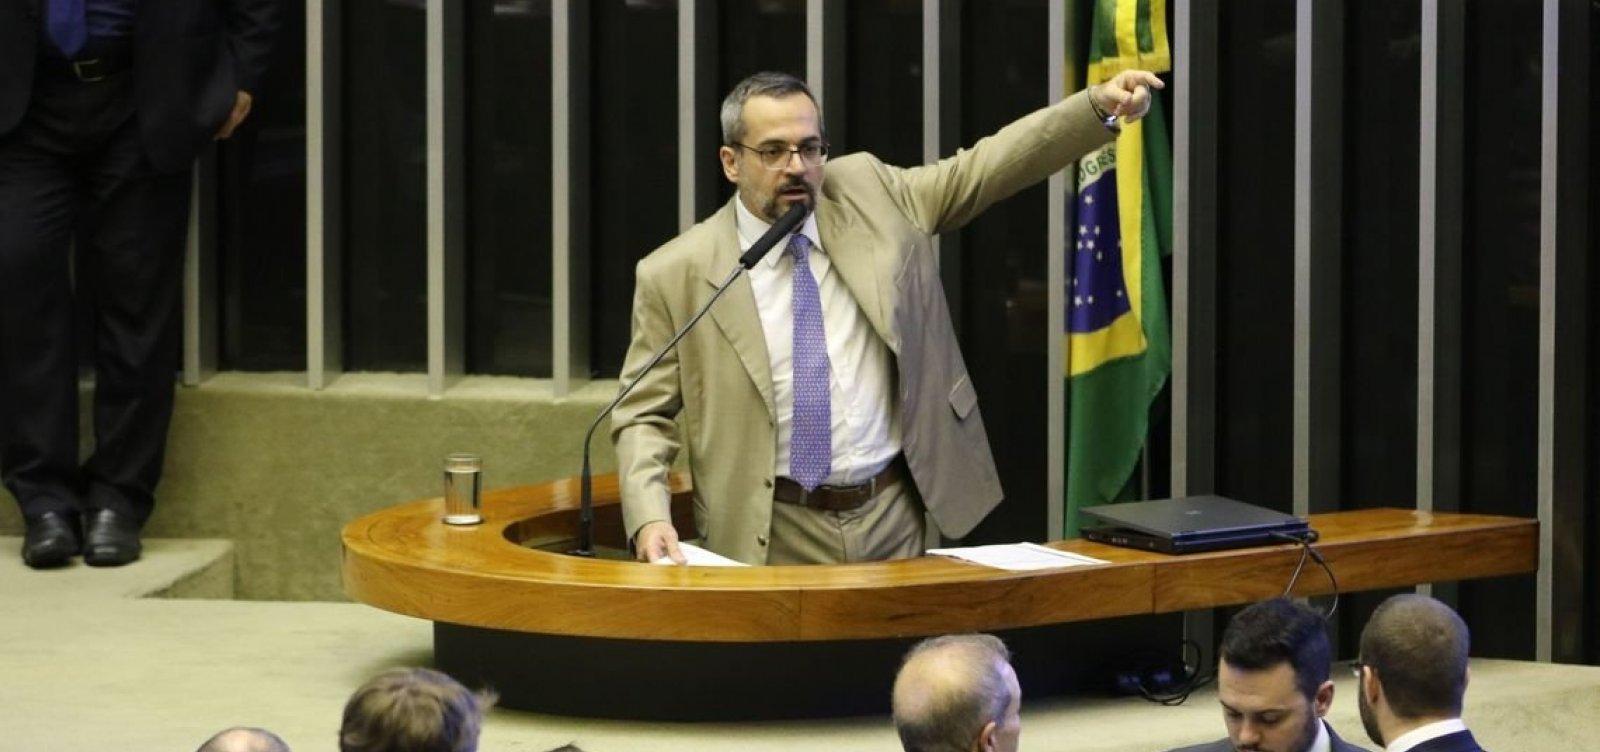 Ministro da Educação diz que bloqueio de recursos é culpa de Dilma e Temer